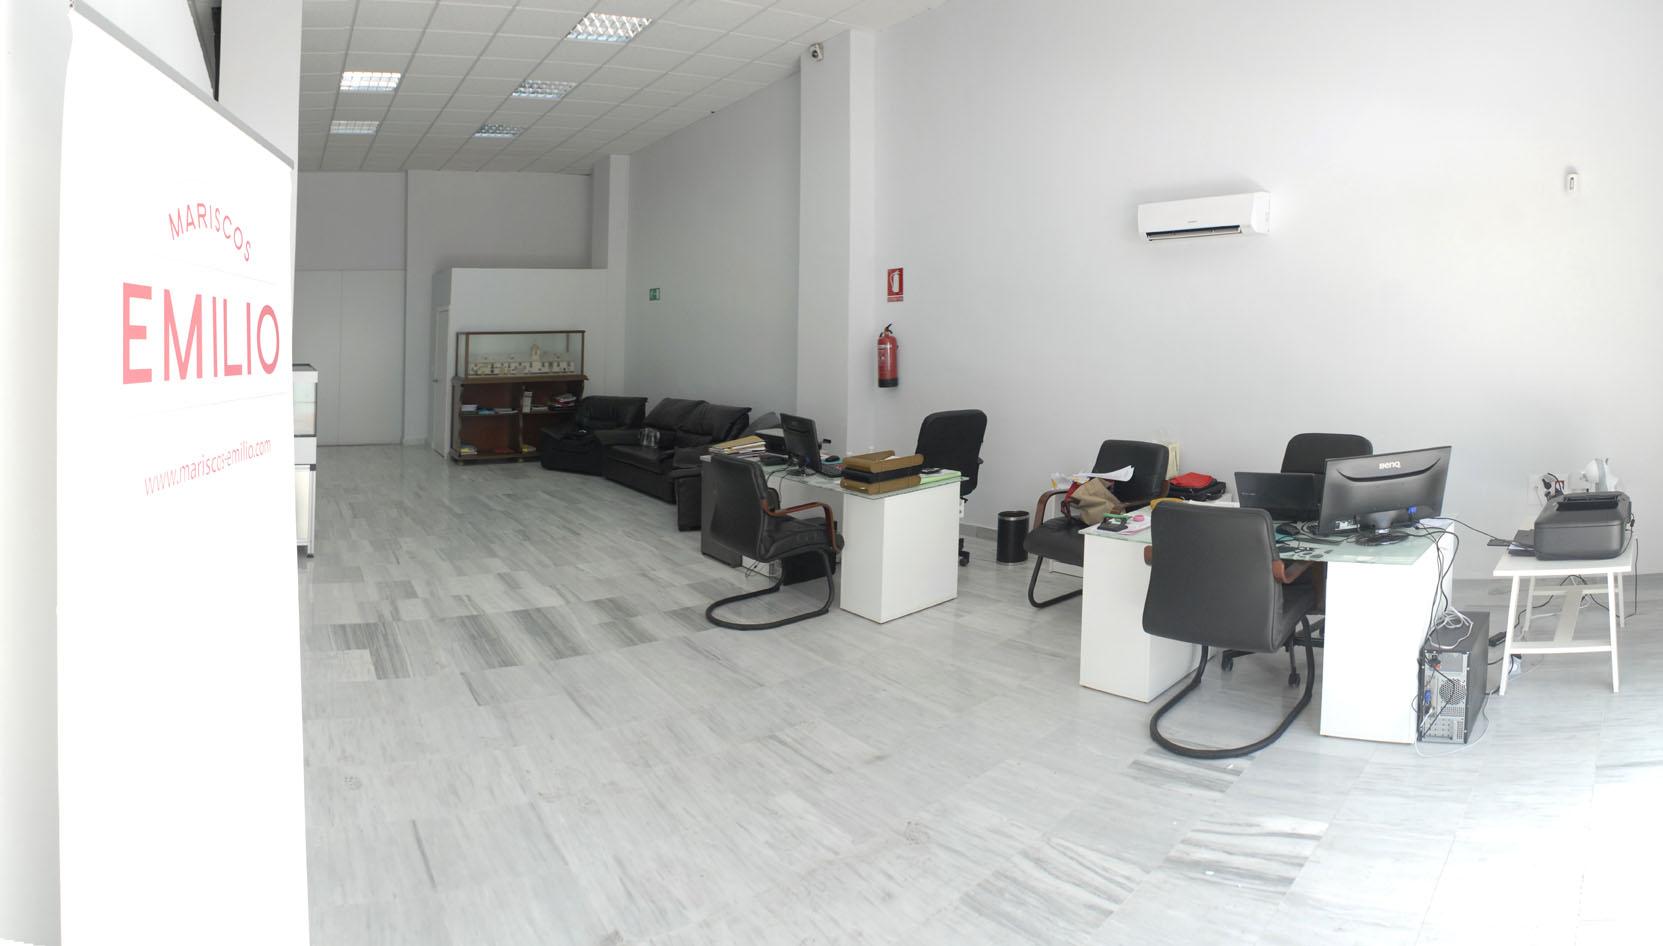 Oficinas Mariscos Emilio